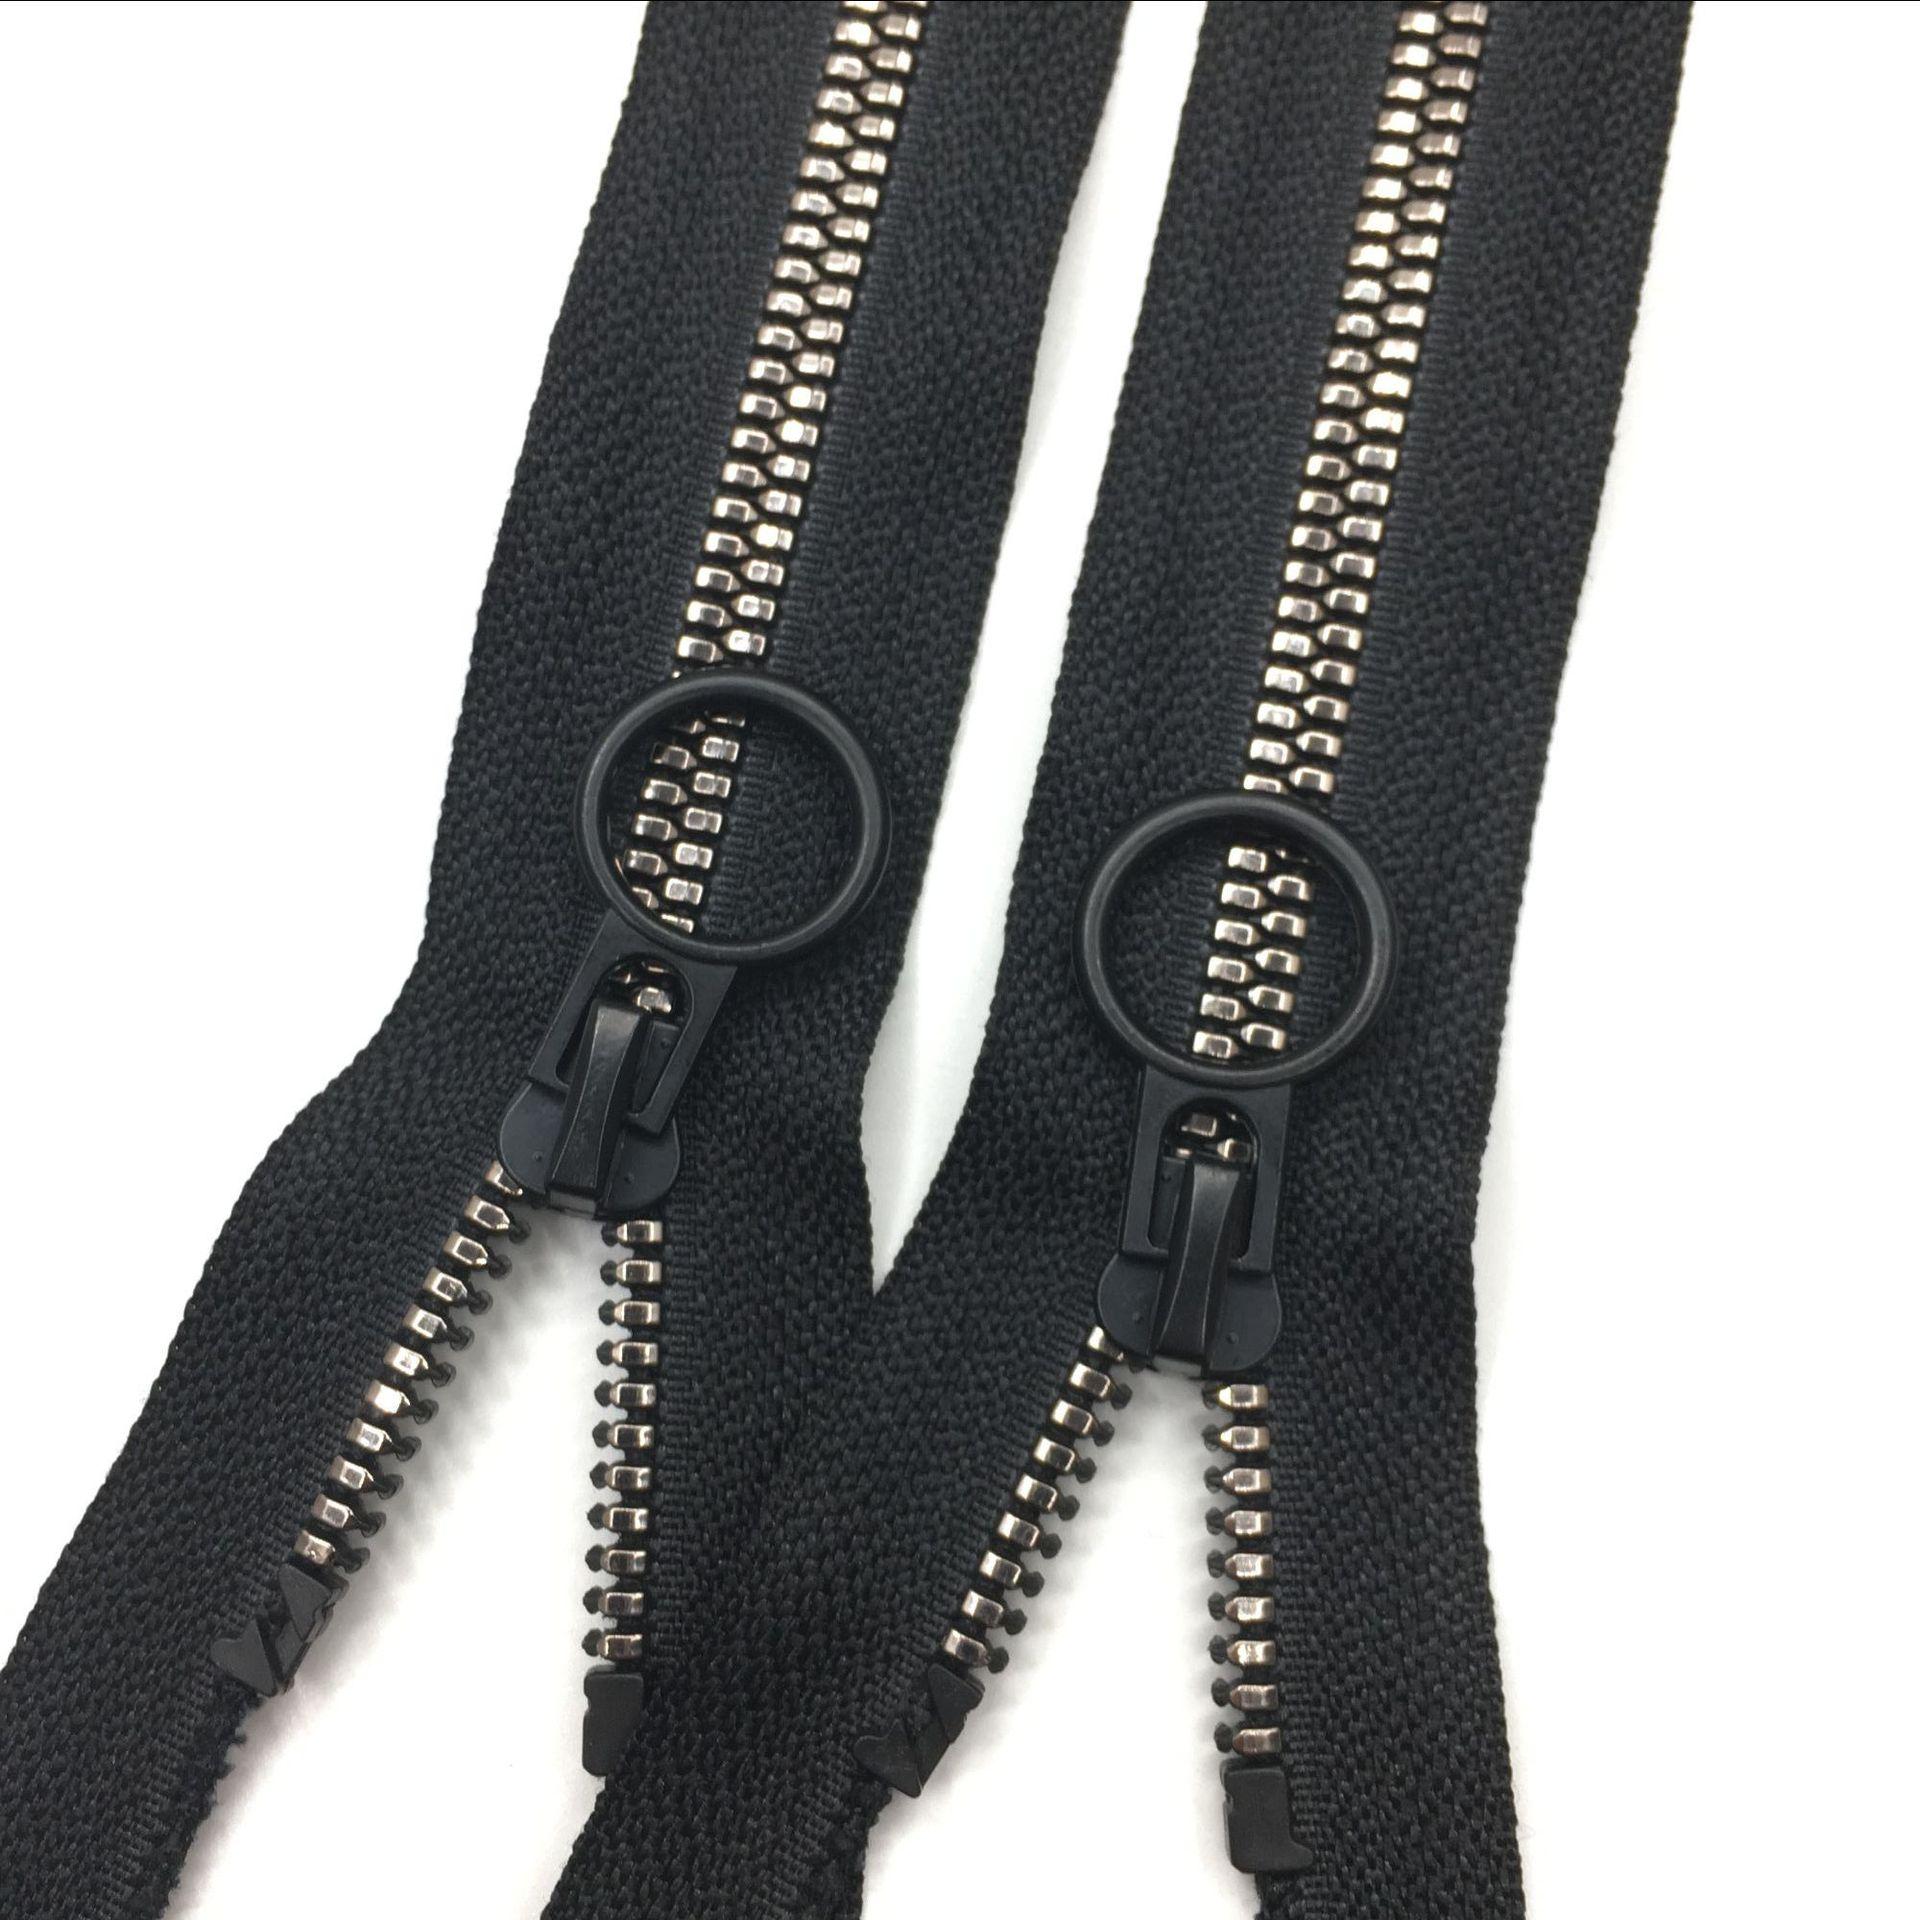 Nhà sản xuất dây kéo bán buôn nhựa tùy chỉnh dây kéo thứ nhựa dây kéo nhựa dây kéo mạ răng mở đuôi d